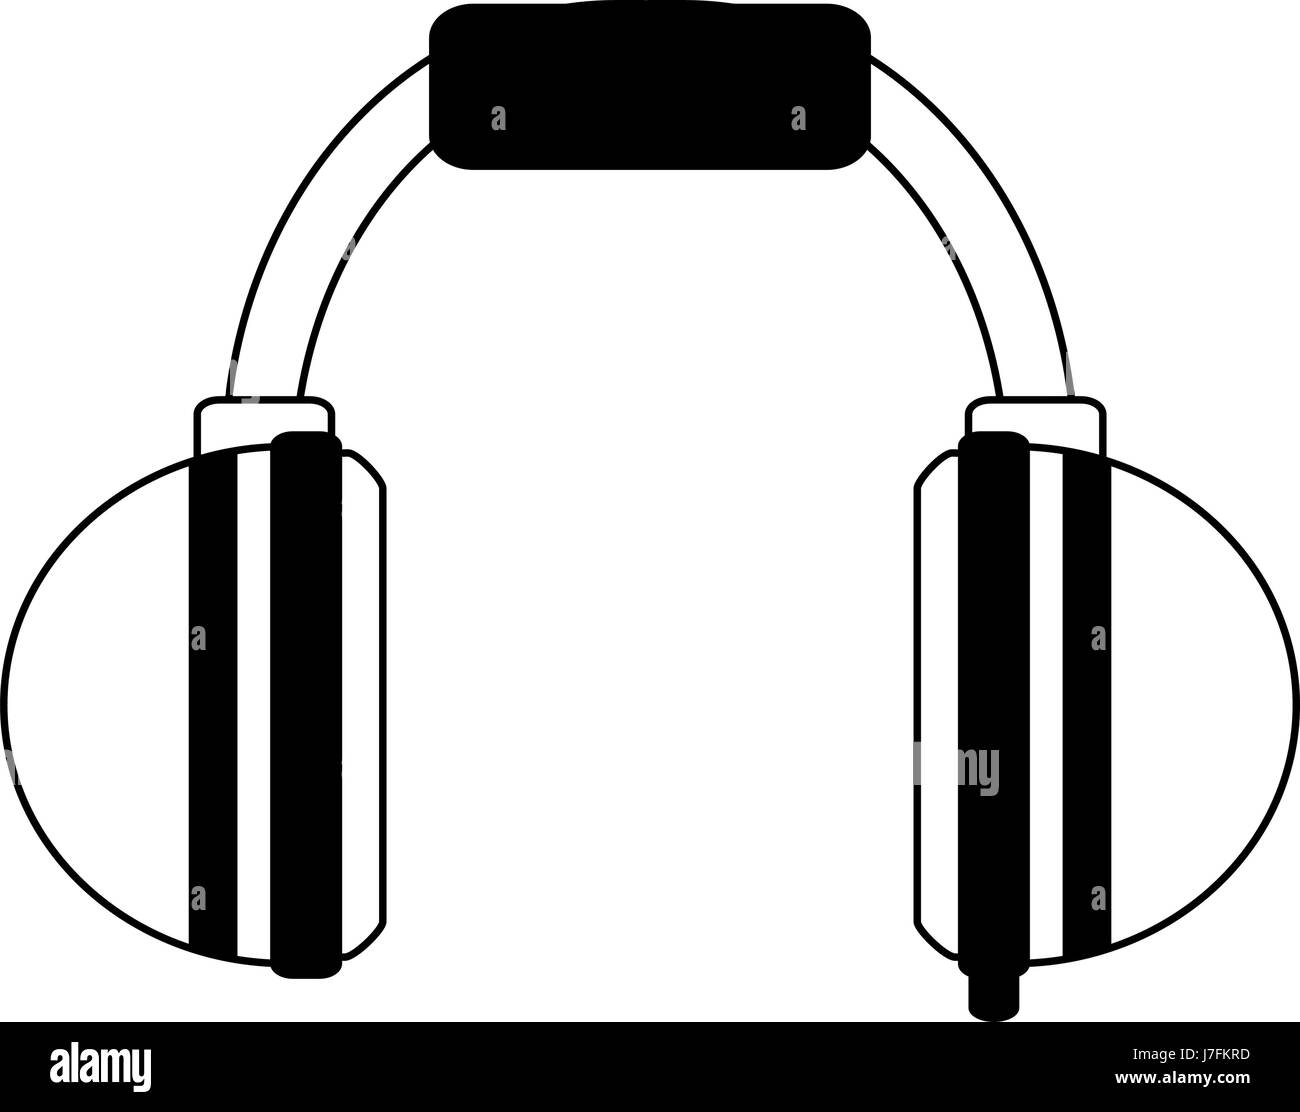 two tone headphones icon image  - Stock Image